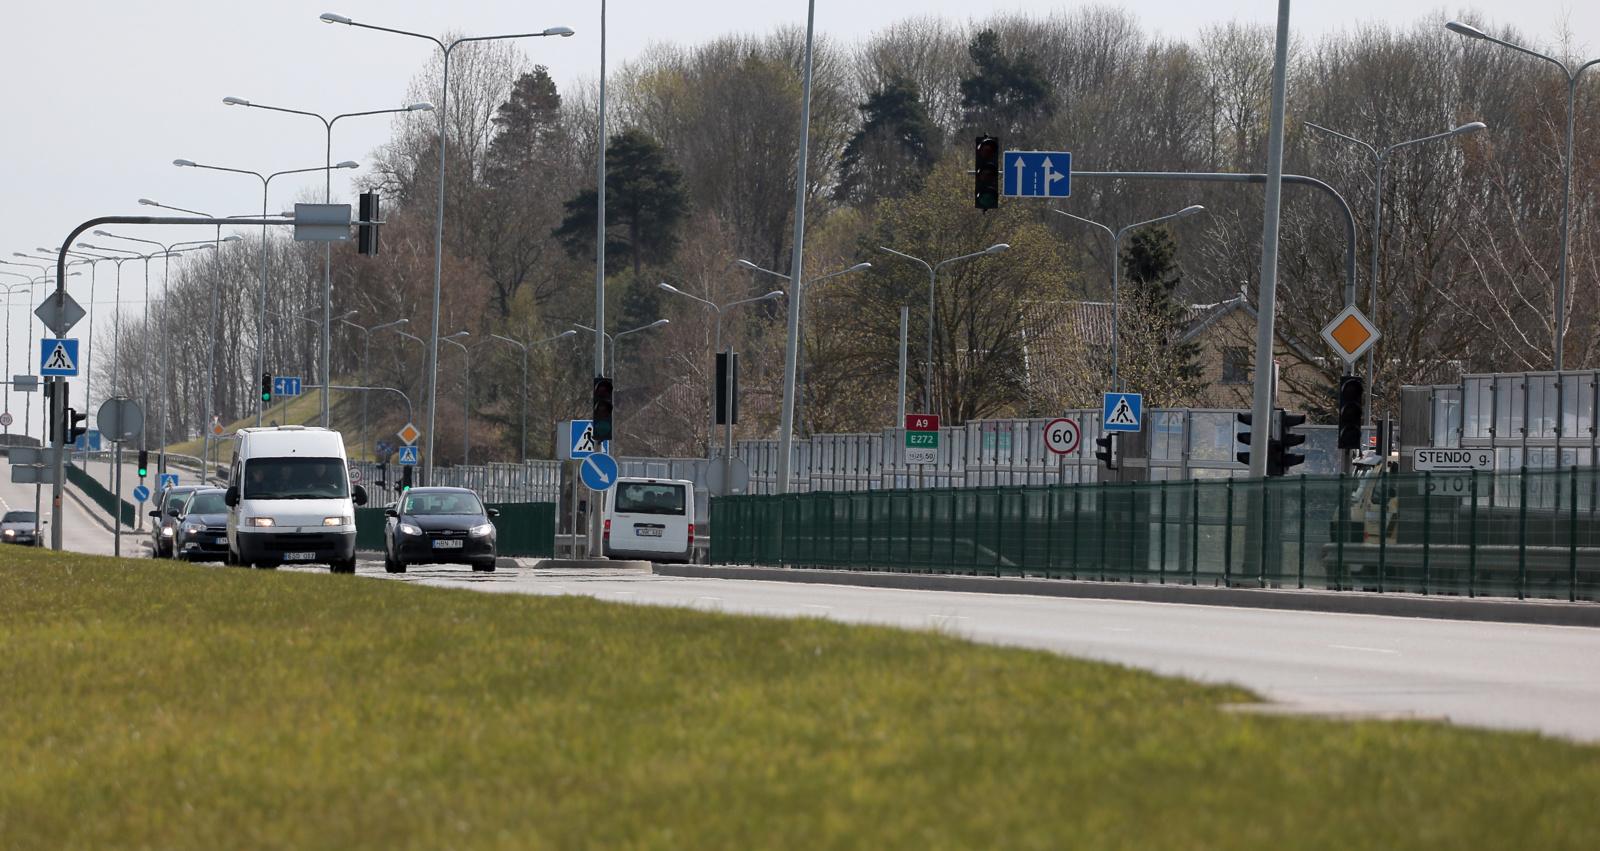 Eismo įvykių priežastys Baltijos šalyse: koks elgesys kelia pavojų?